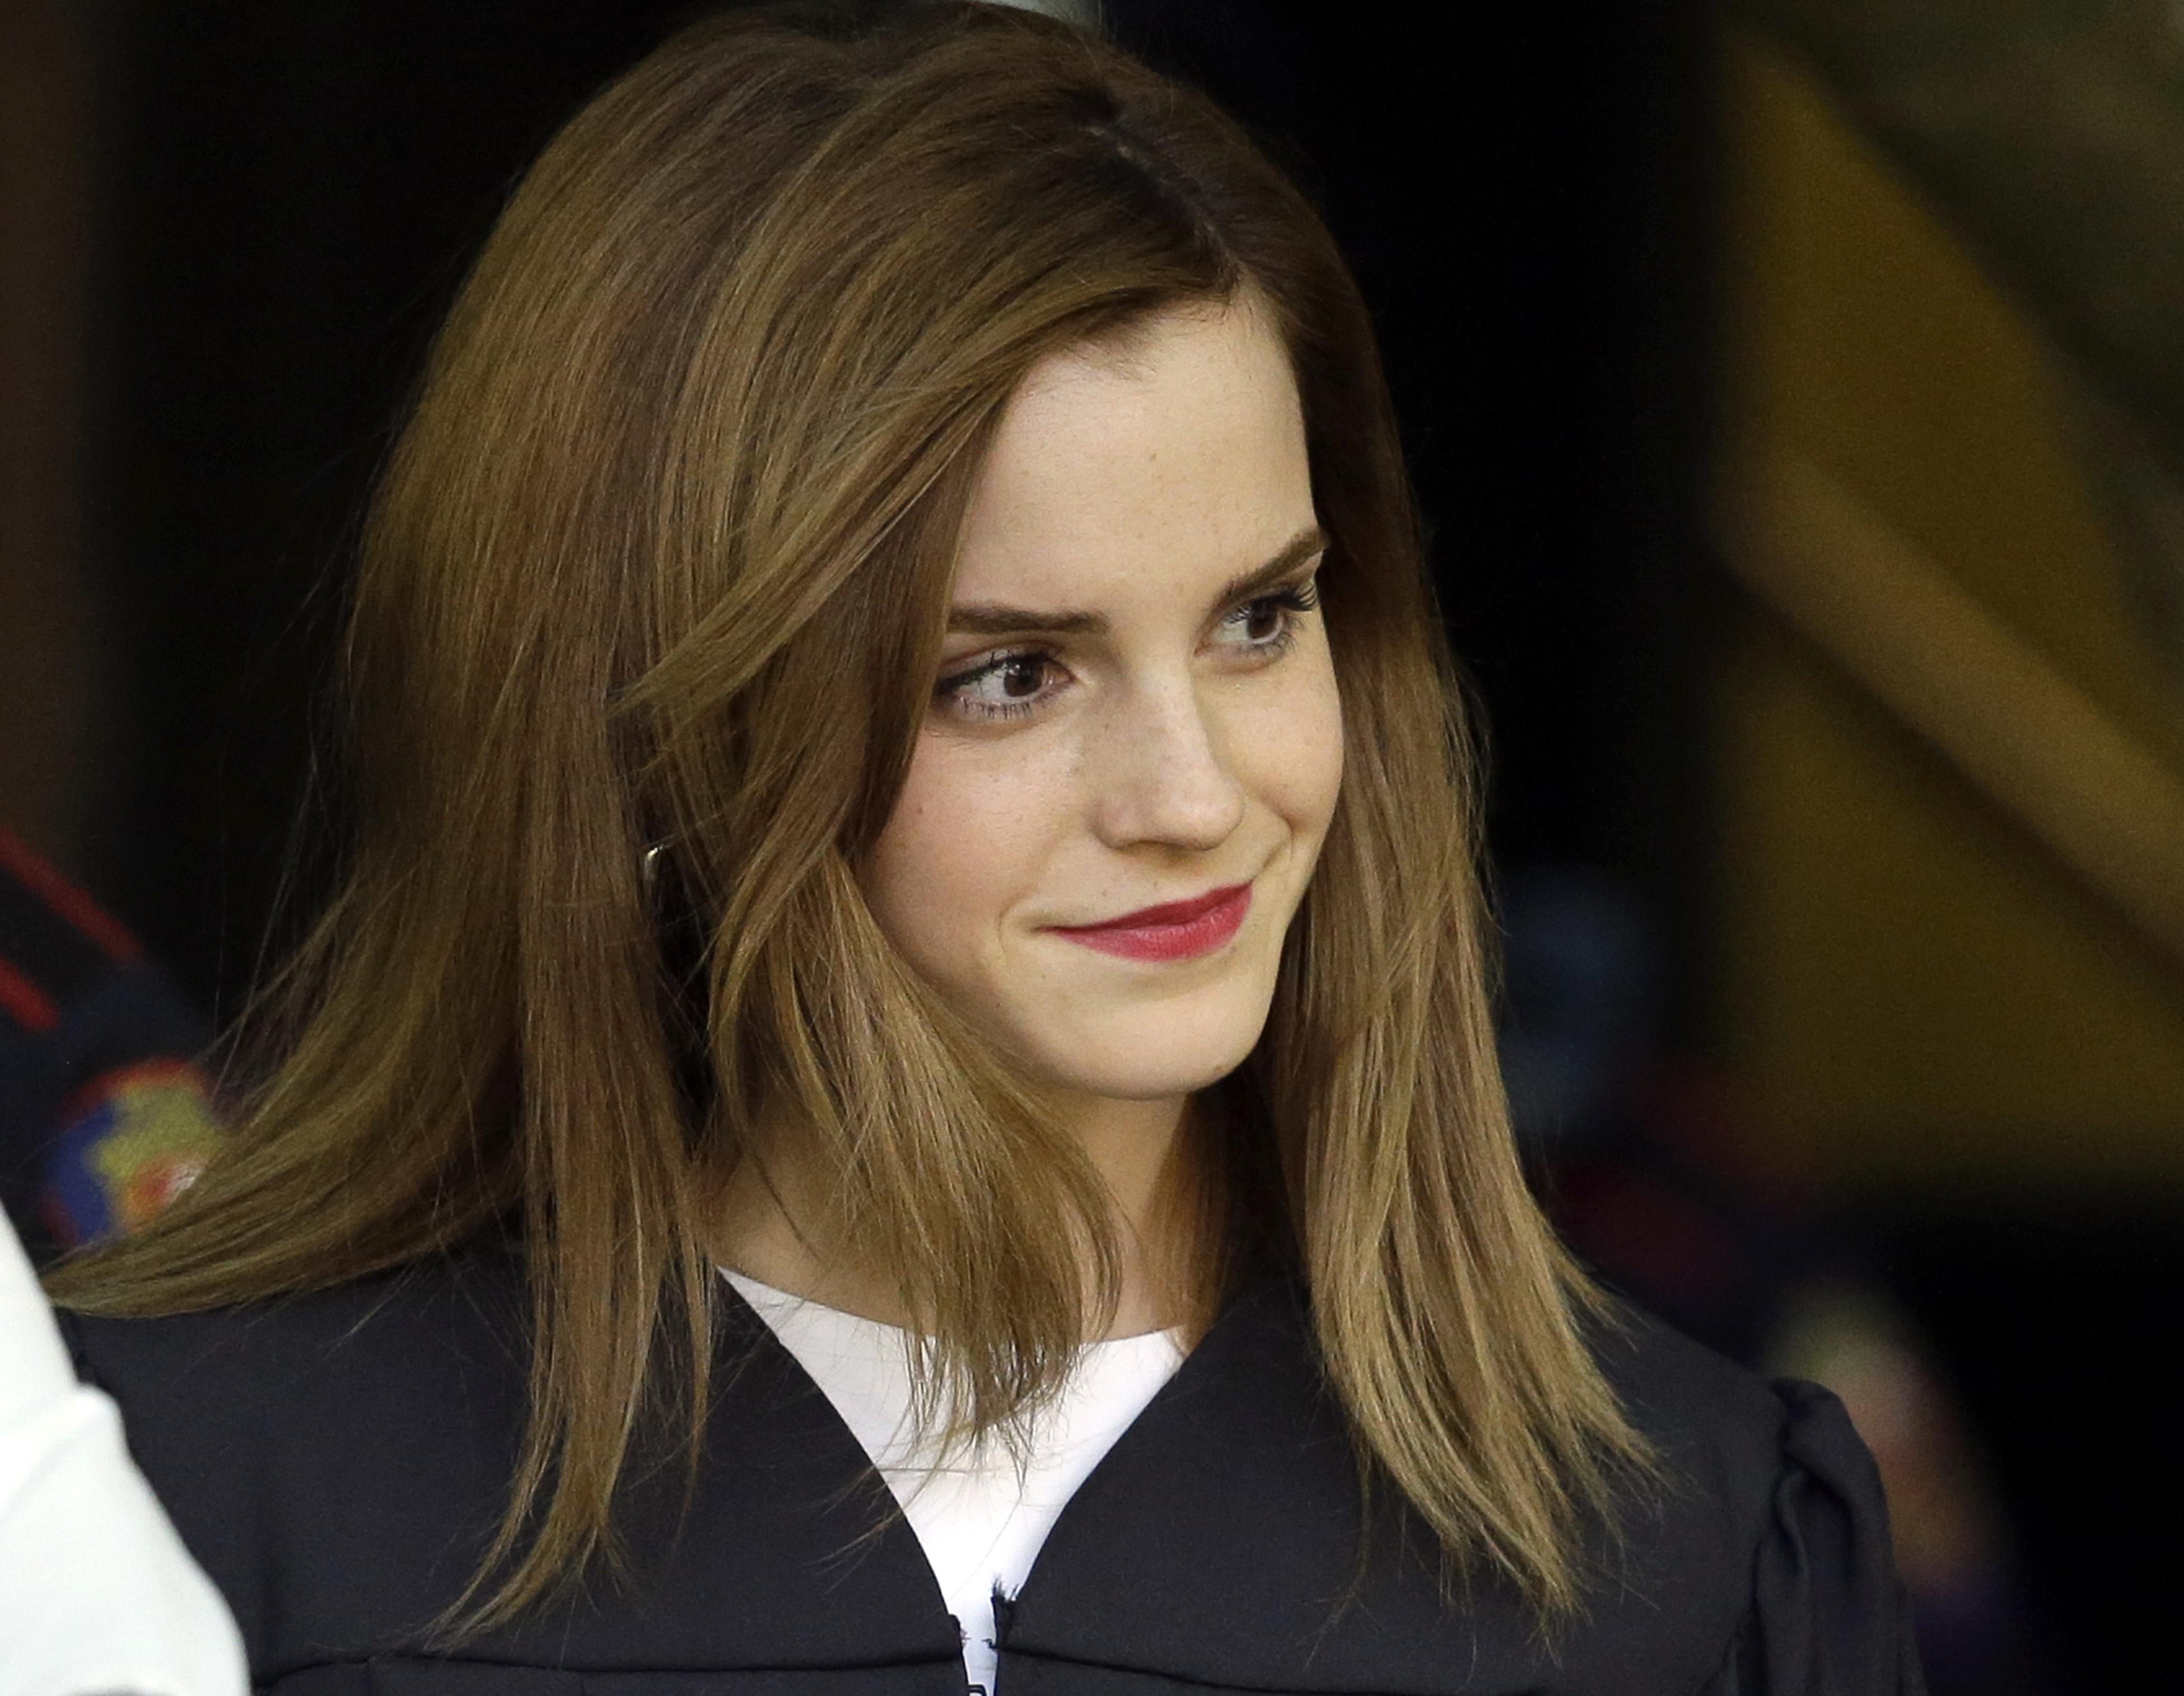 Gefahr für Emma Watson: Die Schauspielerin sollte angeblich von einem Film-Set entführt werden